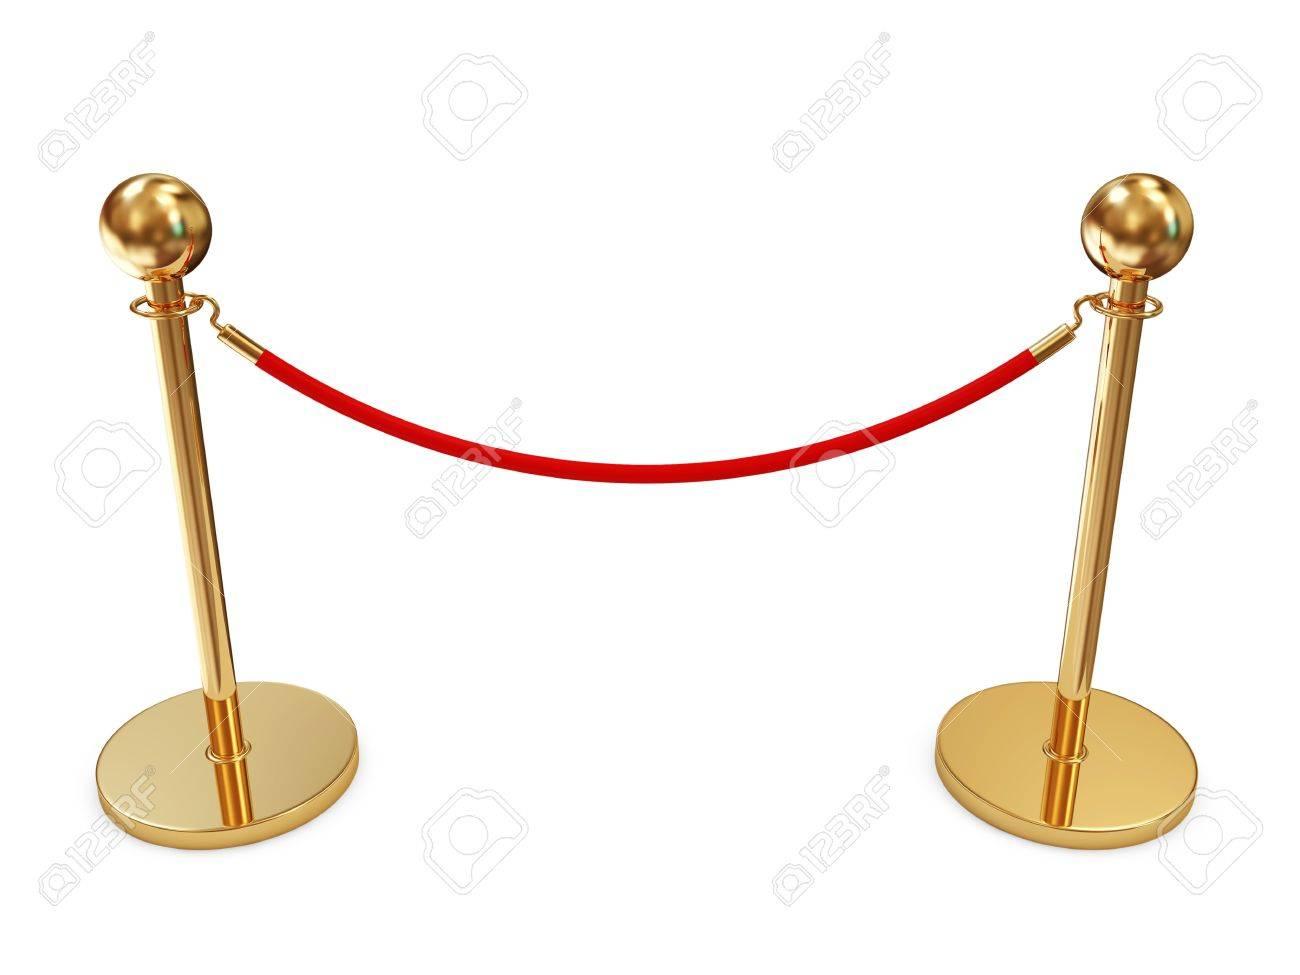 Golden Velvet Rope isolated on white background Stock Photo - 22914553